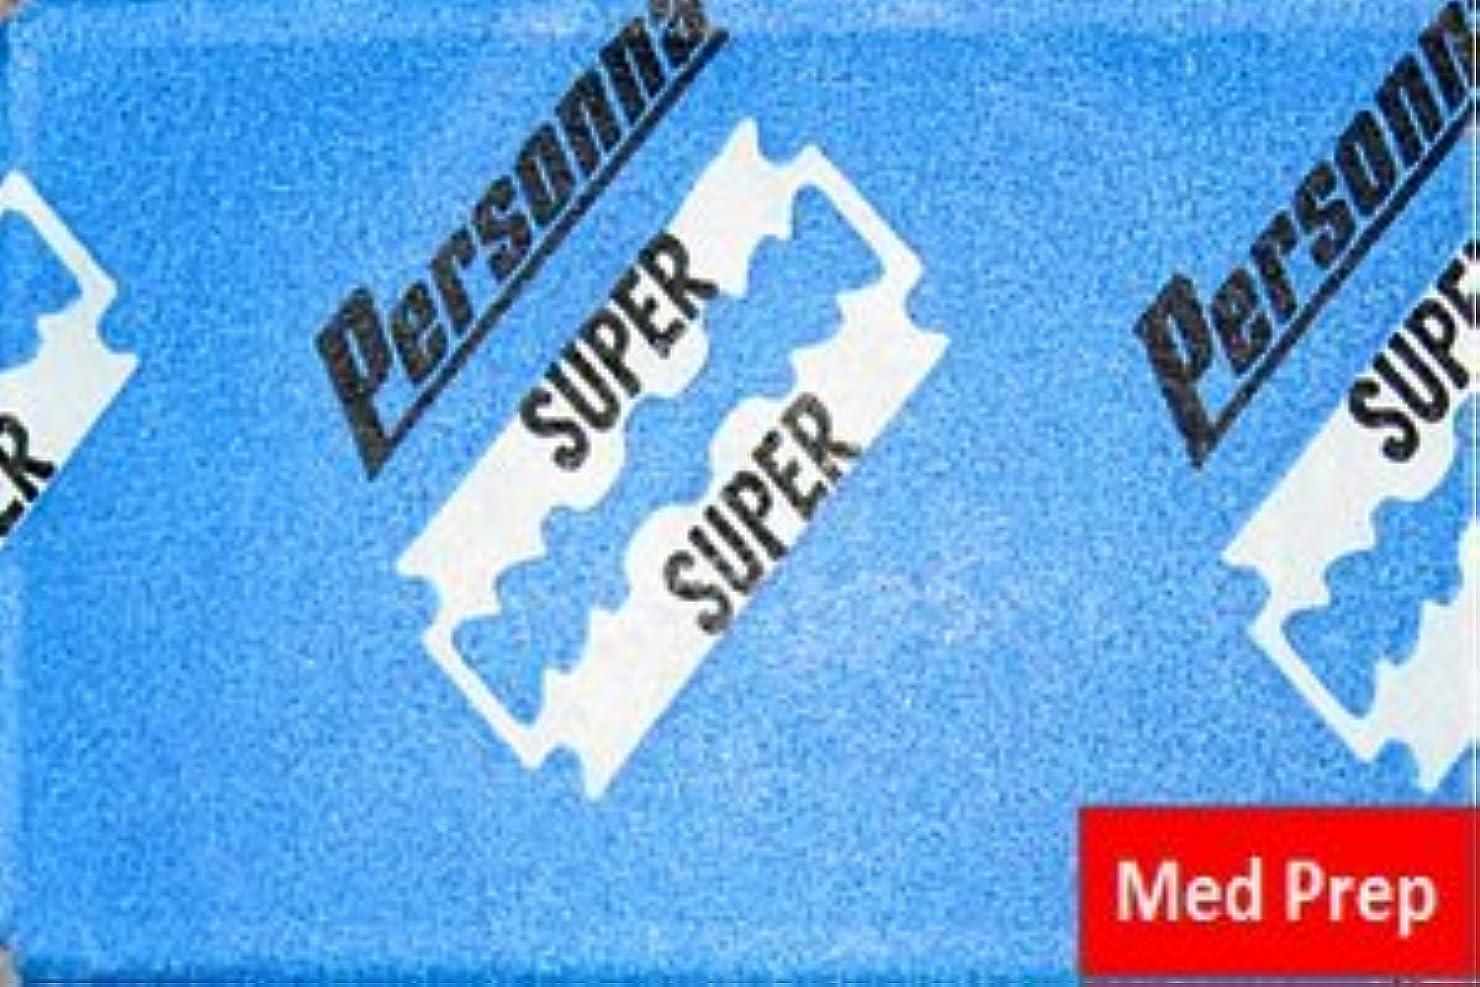 バースト責任才能Personna Med Prep 両刃替刃 5枚入り(5枚入り1 個セット)【並行輸入品】